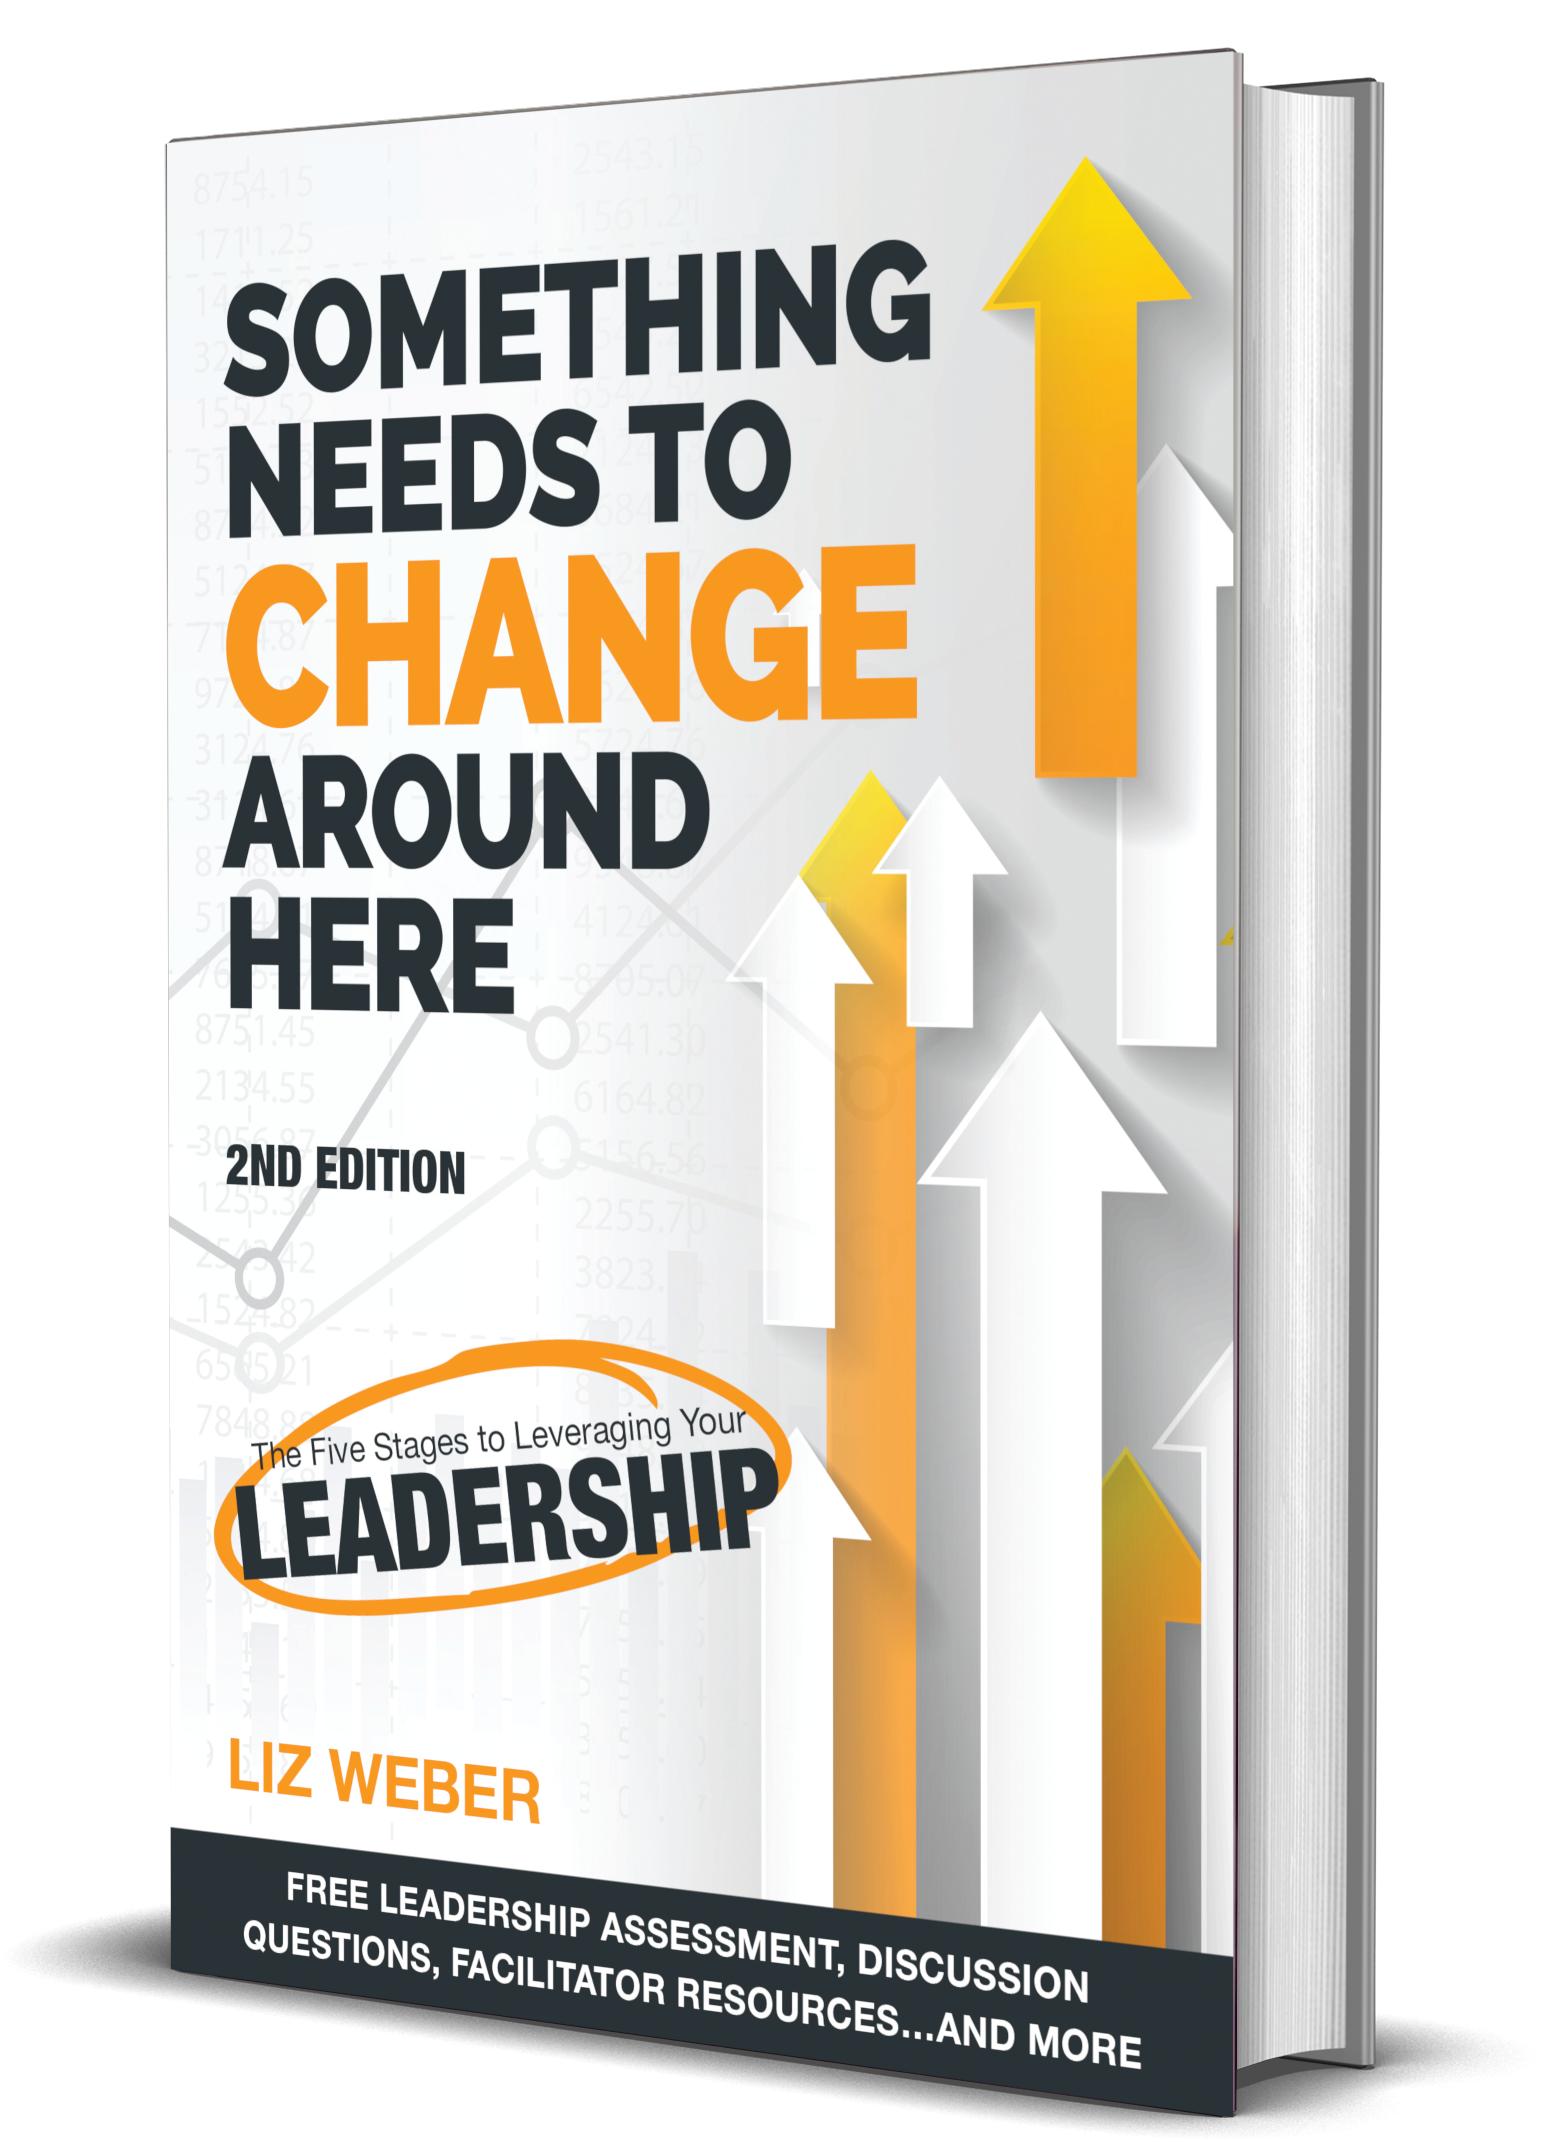 Liz-Weber-Somethings-Going-to-change